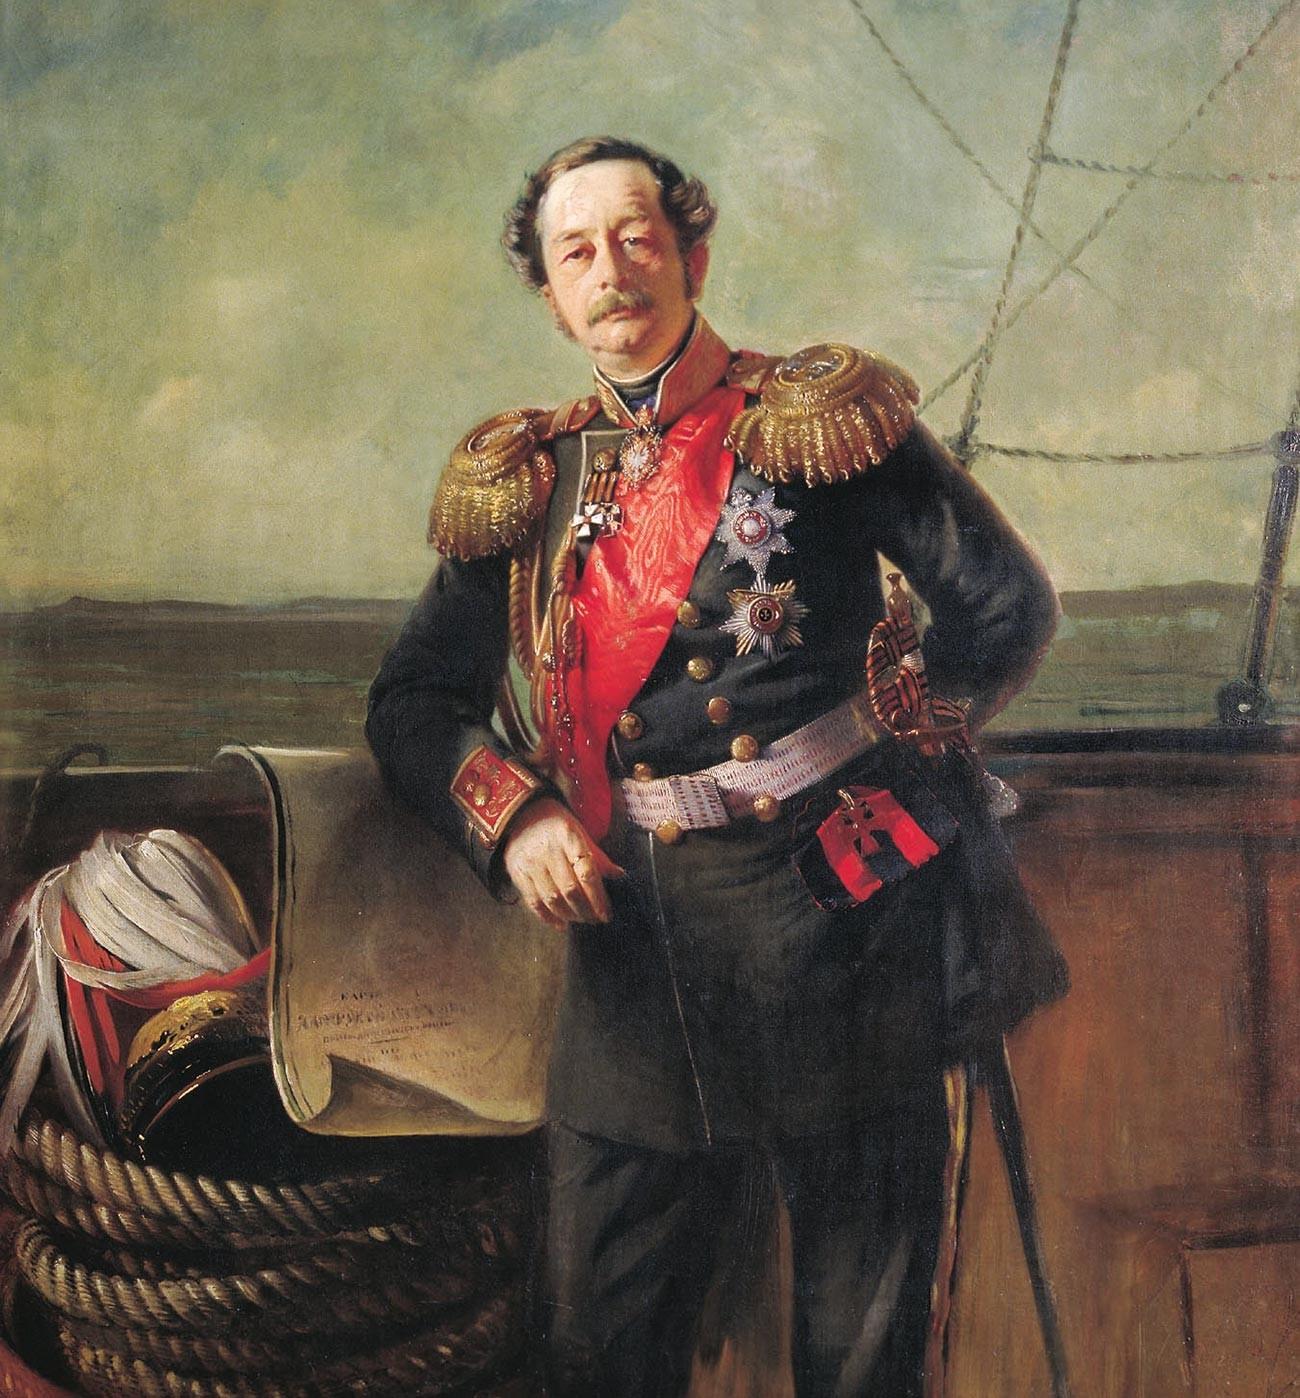 Portrait du comte Nikolaï Mouraviov (qui sera plus tard nommé Mouraviov-Amourski en raison de ses accomplissements dans la région de l'Amour)